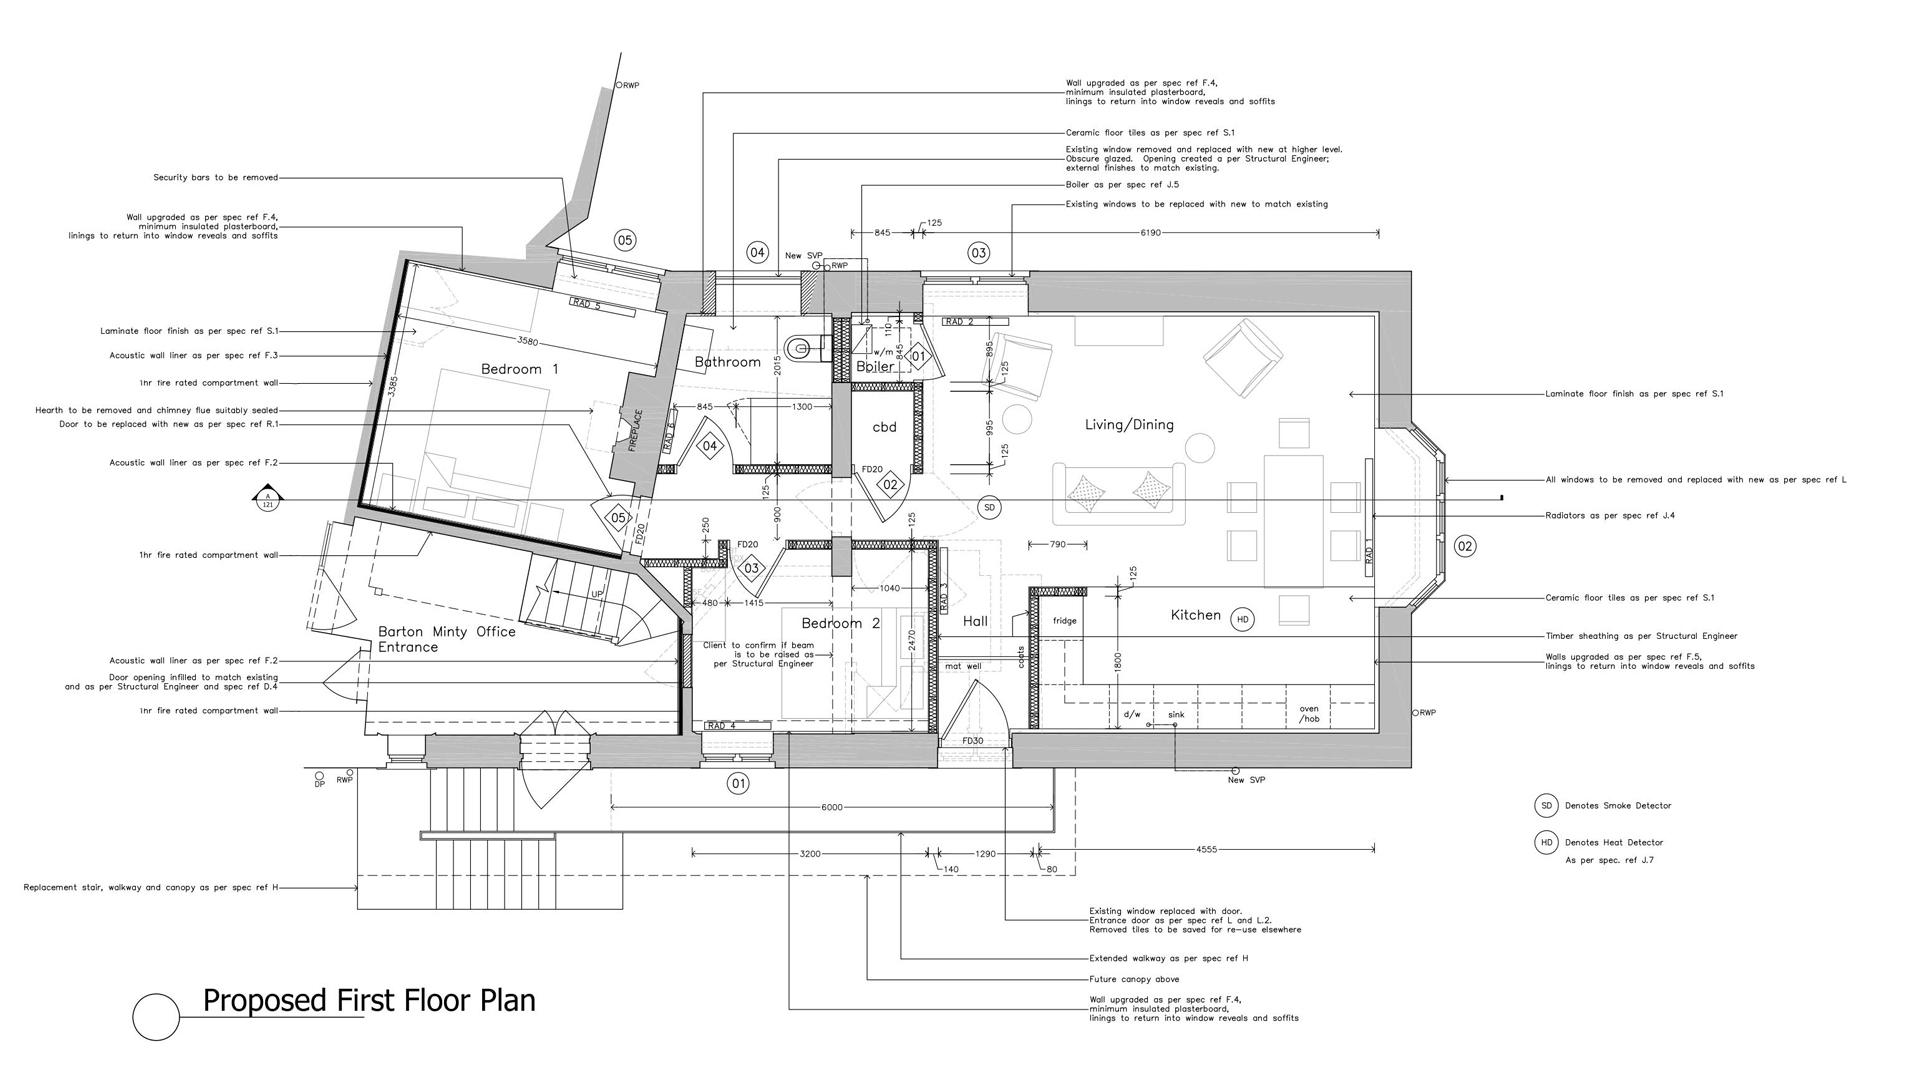 1584_L1 plan